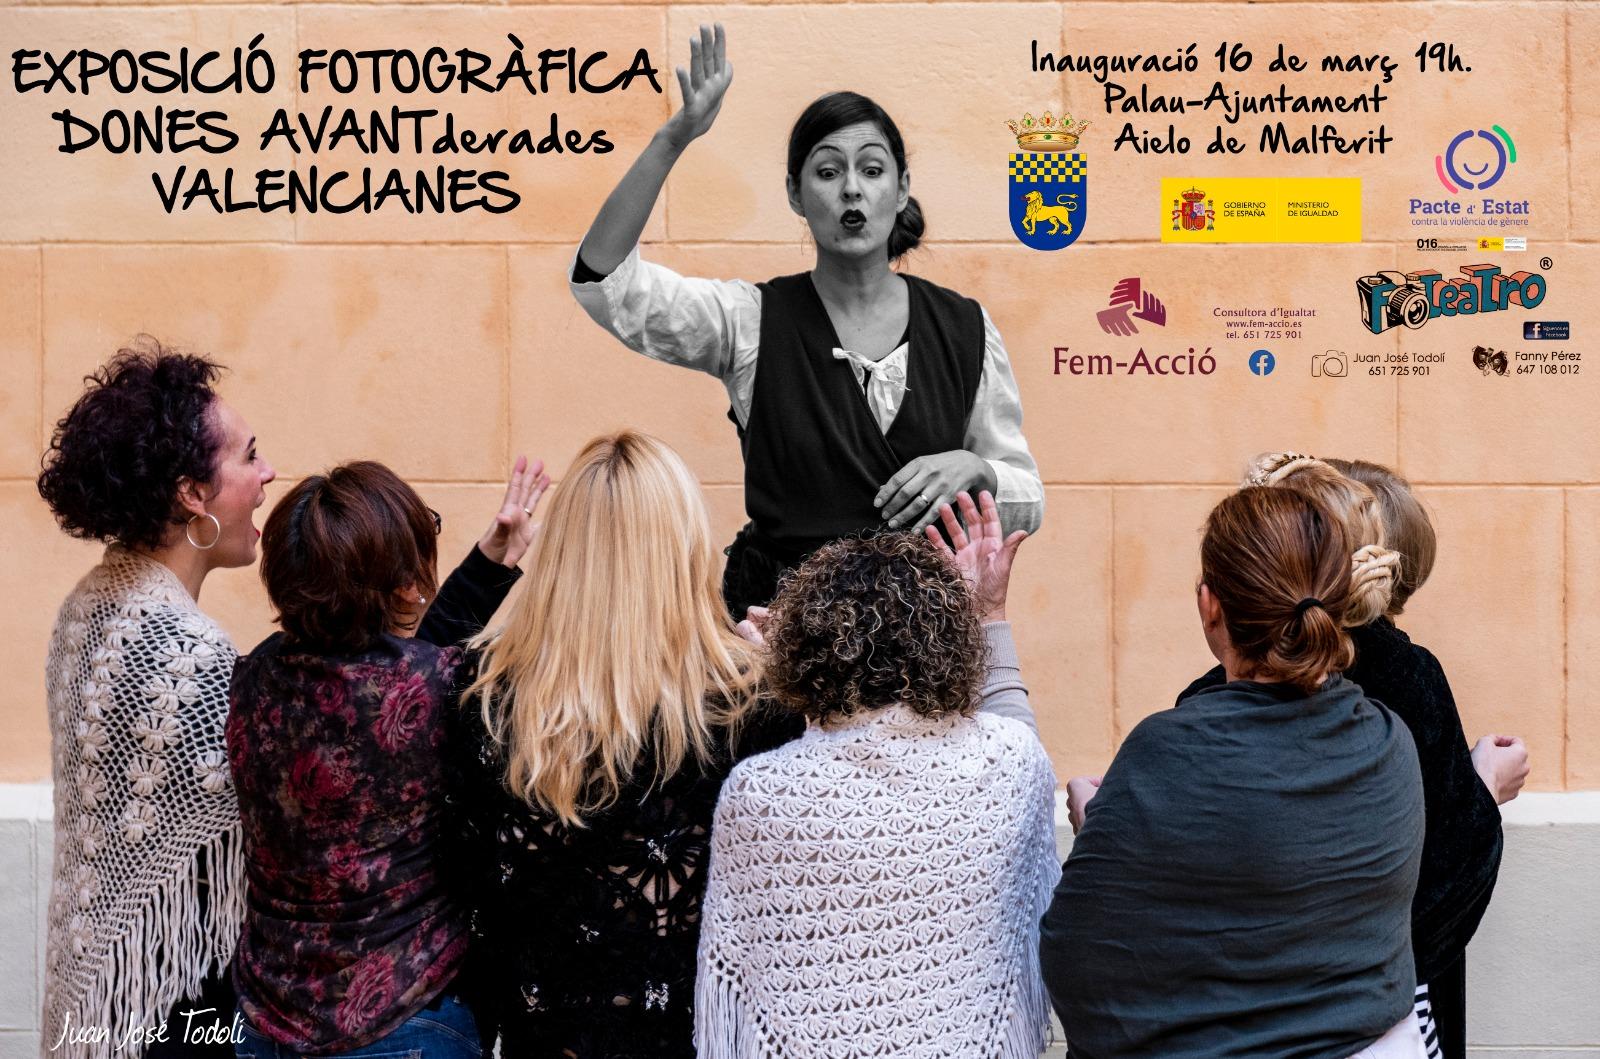 Aielo de Malferit enceta l'EXPOSICIÓ FOTOGRÀFICA DONES AVANTderades VALENCIANES